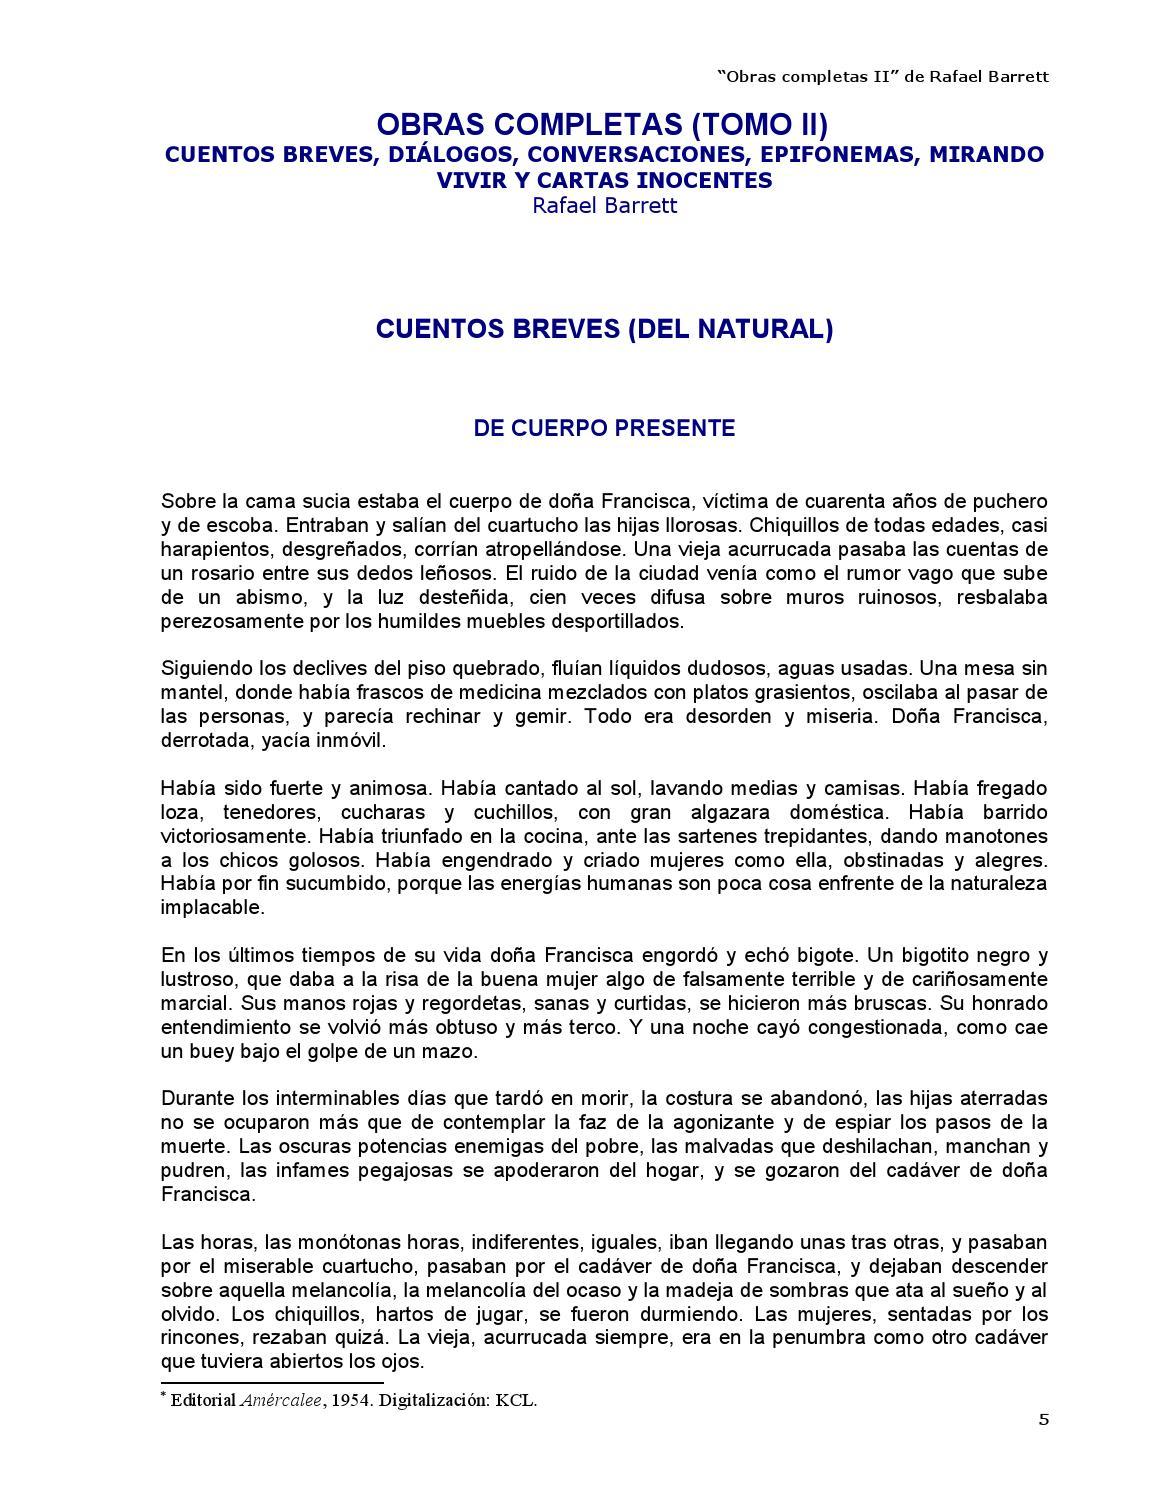 Obras completas II - Rafael Barrett by Kclibertaria - issuu